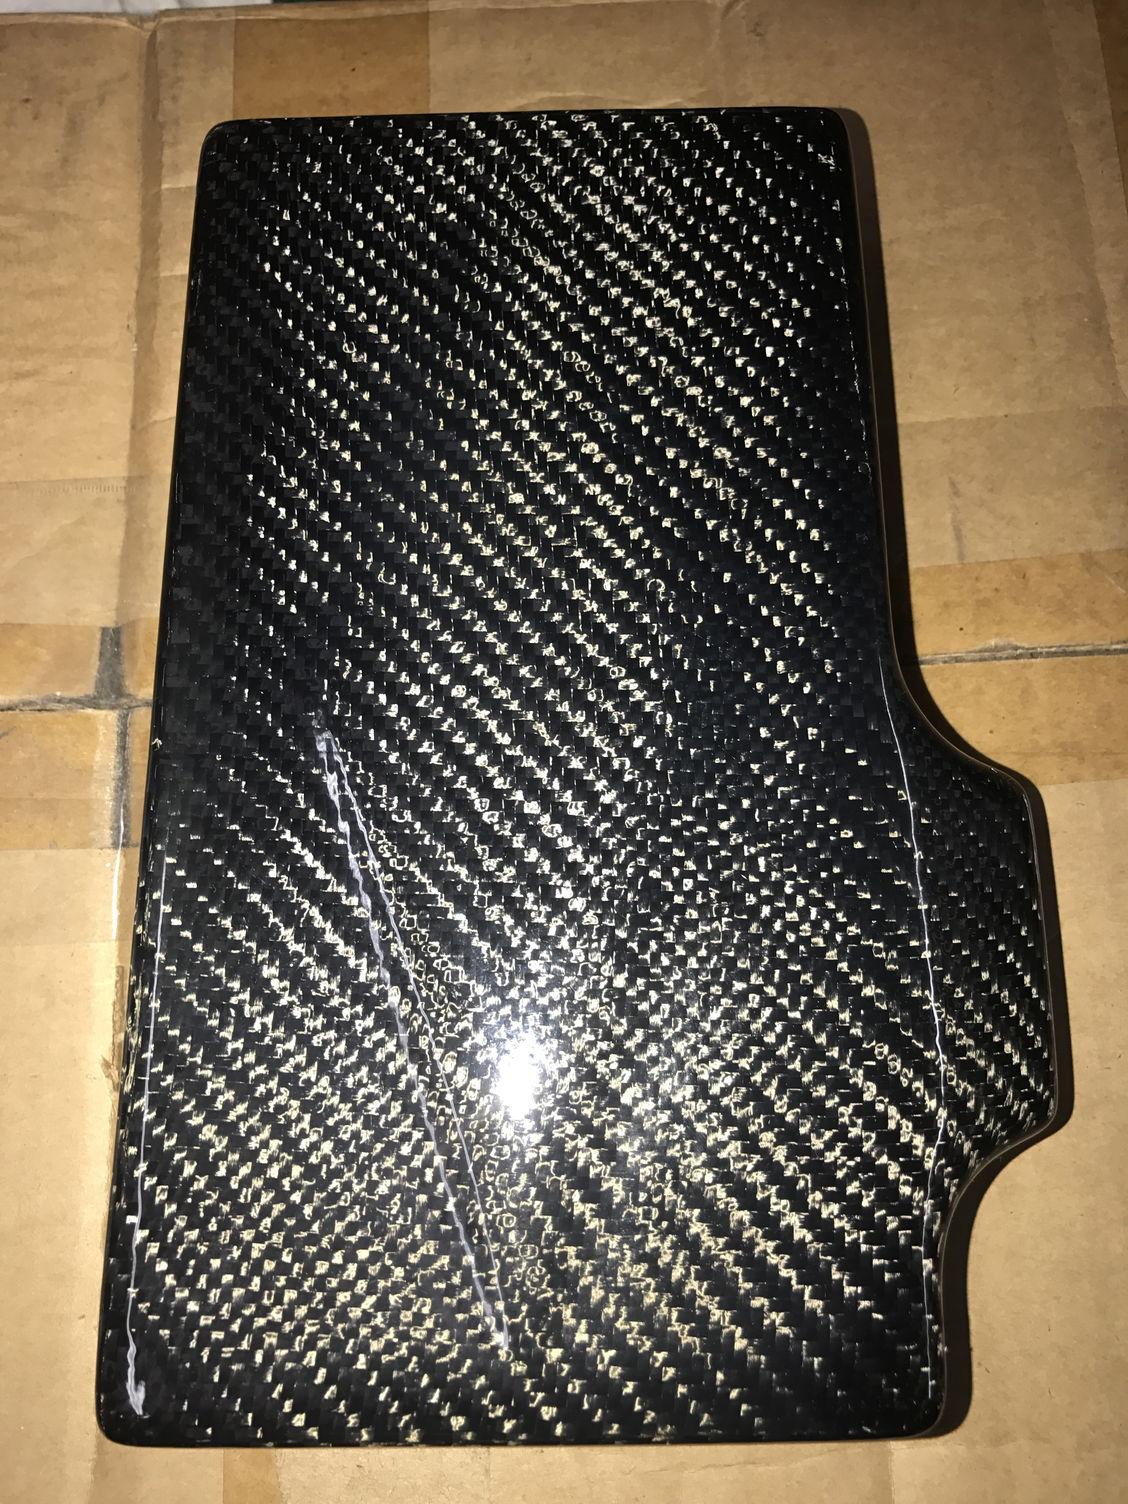 c6 corvette oem fuse box cover dodge challenger fuse box 2009 Kia Rio Fuse Diagram Decorating Ideas to Hide a Fuse Box